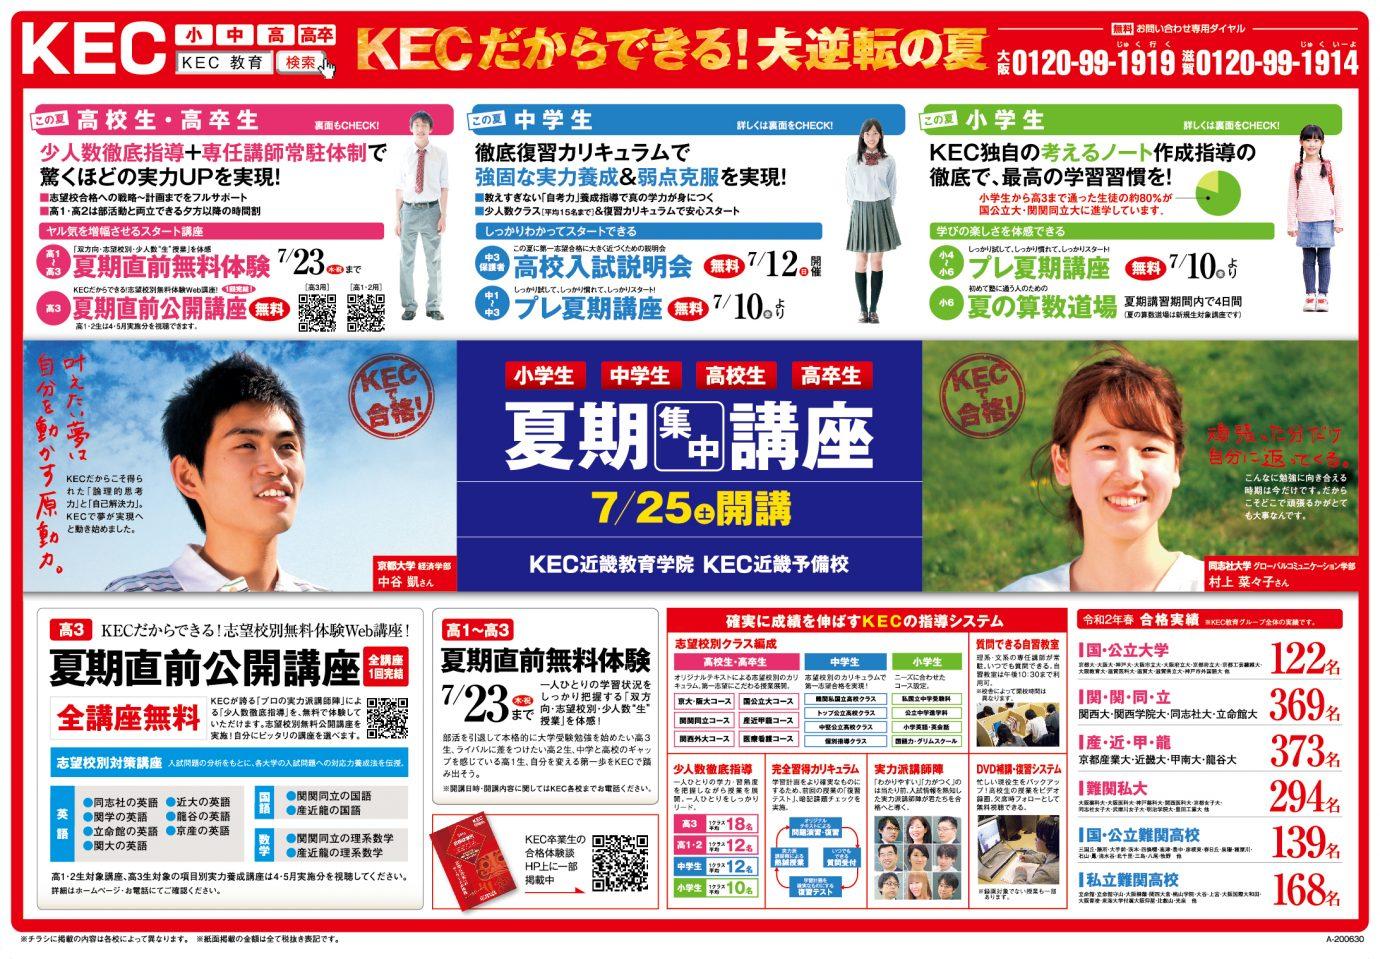 KEC塾予備校_夏期講習_チラシ_大阪・滋賀_表面